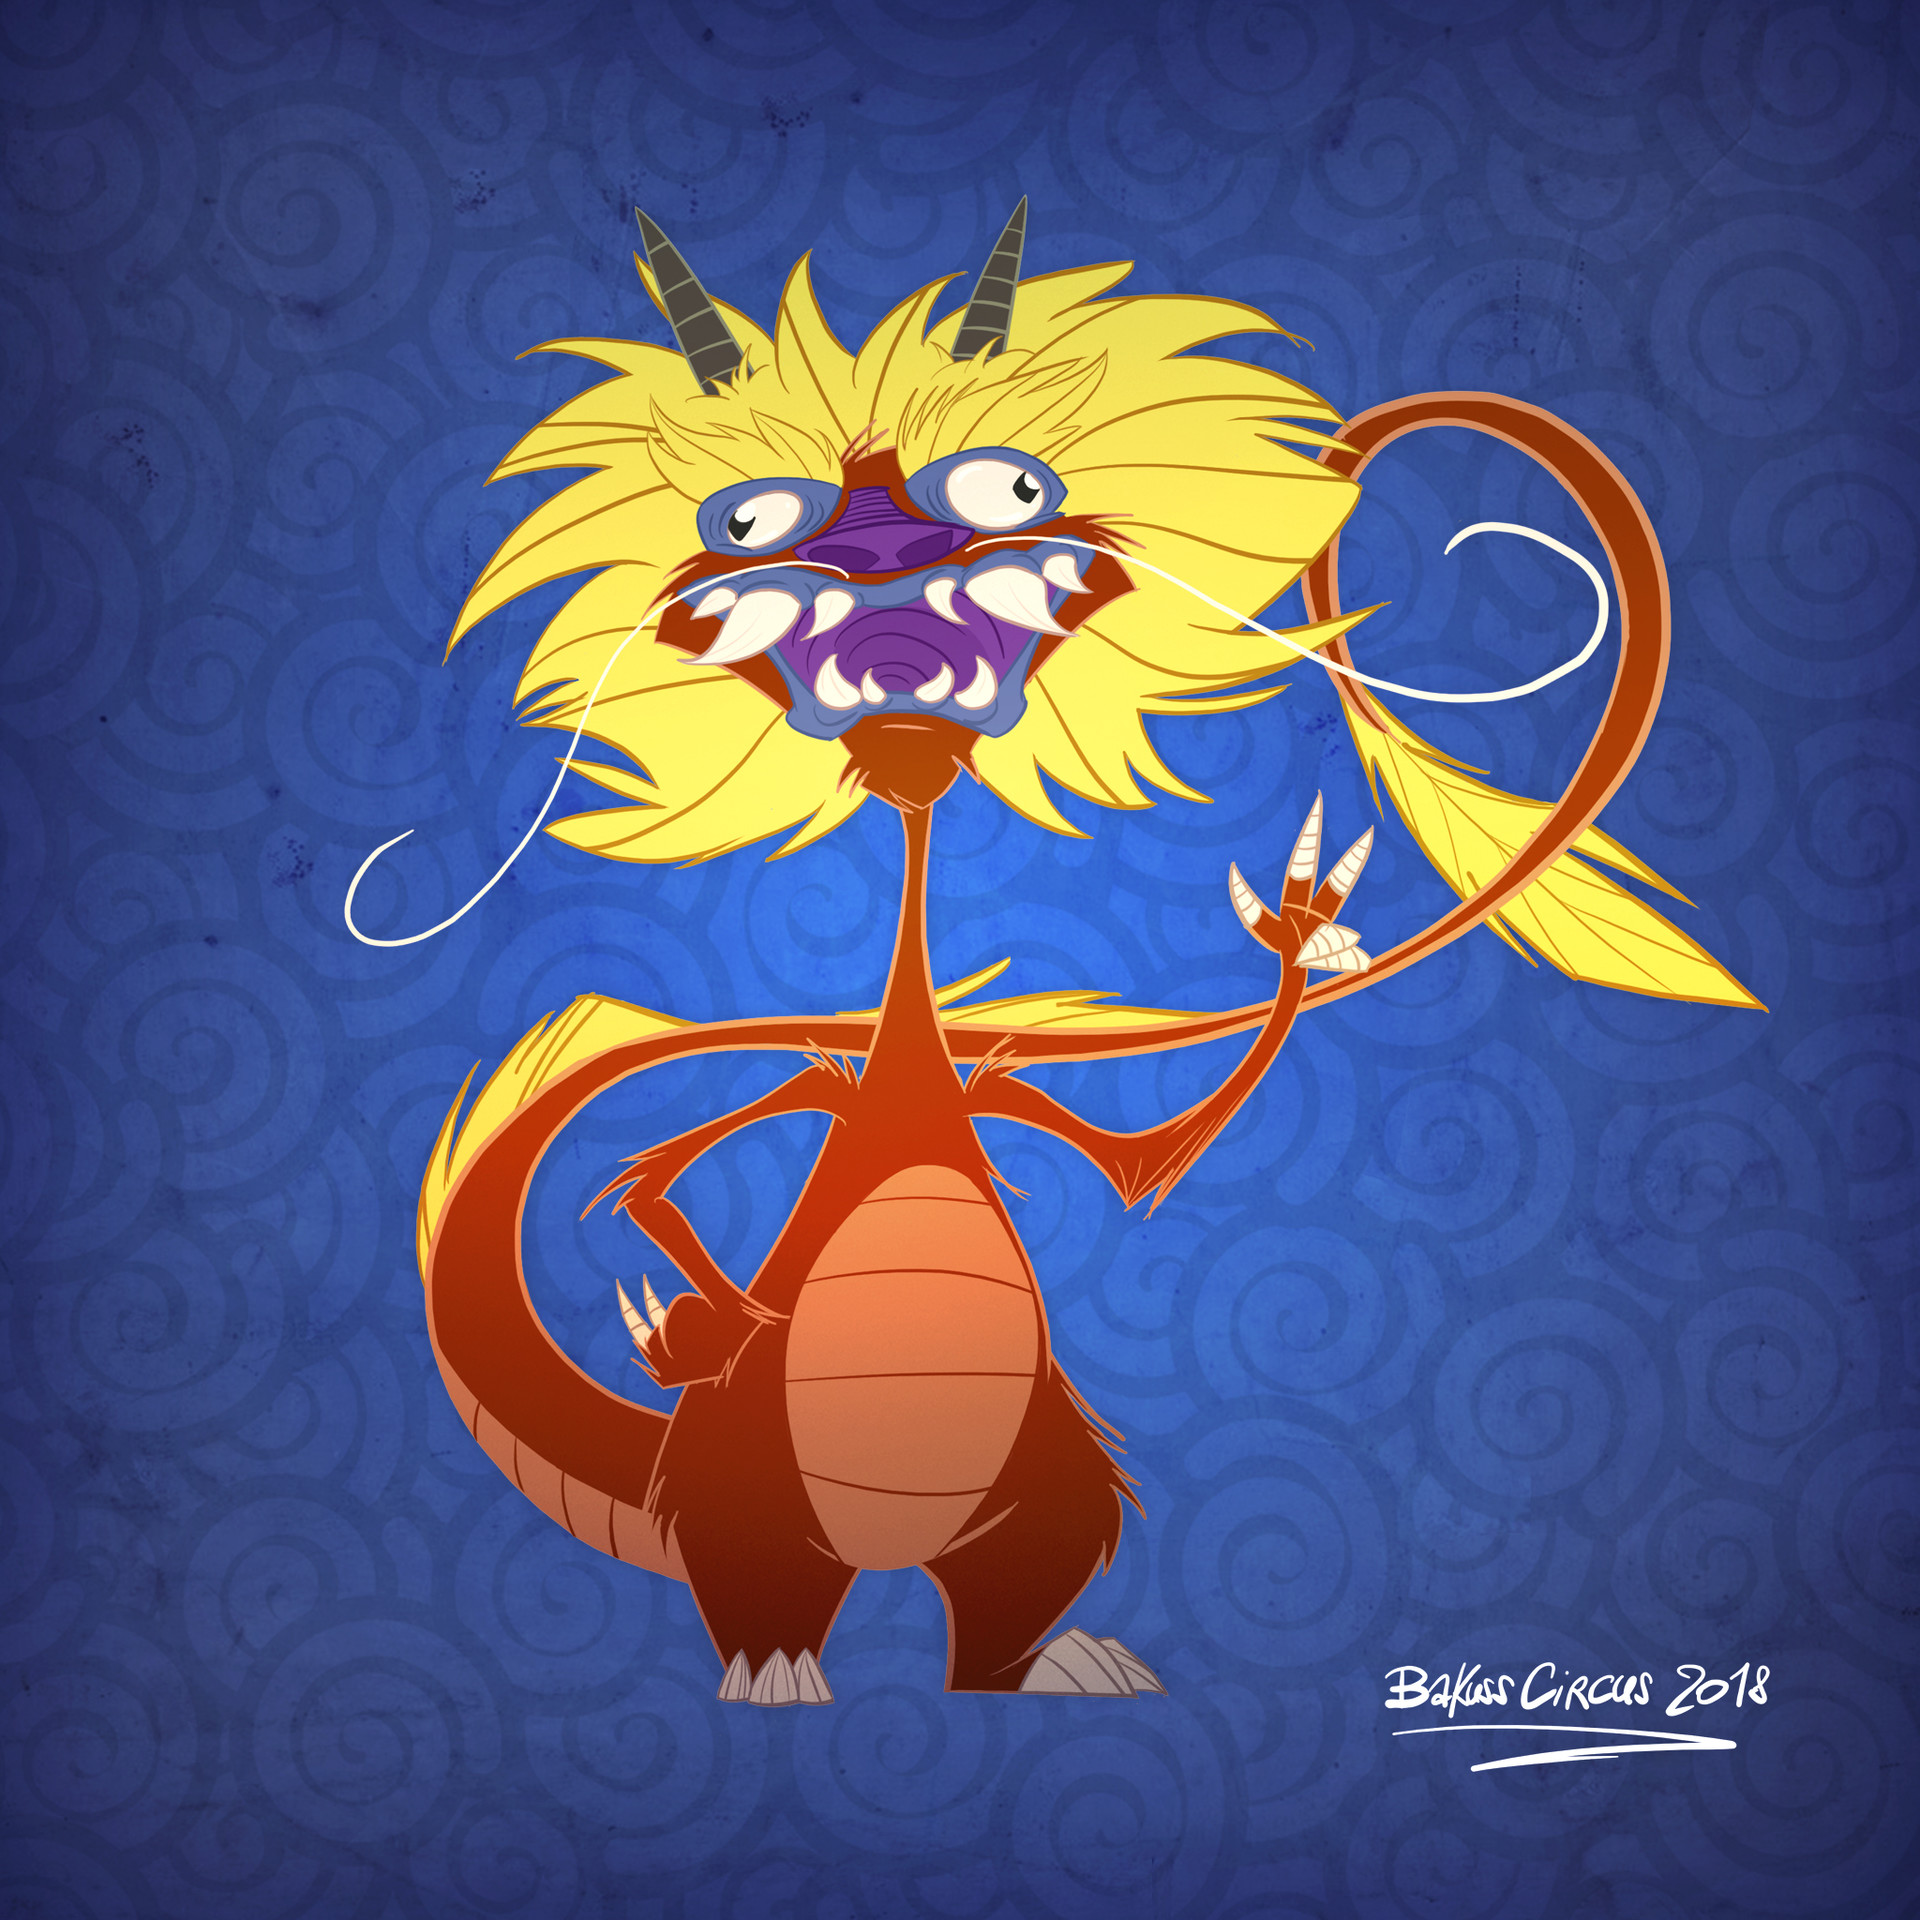 Bakuss circus dragon debilis